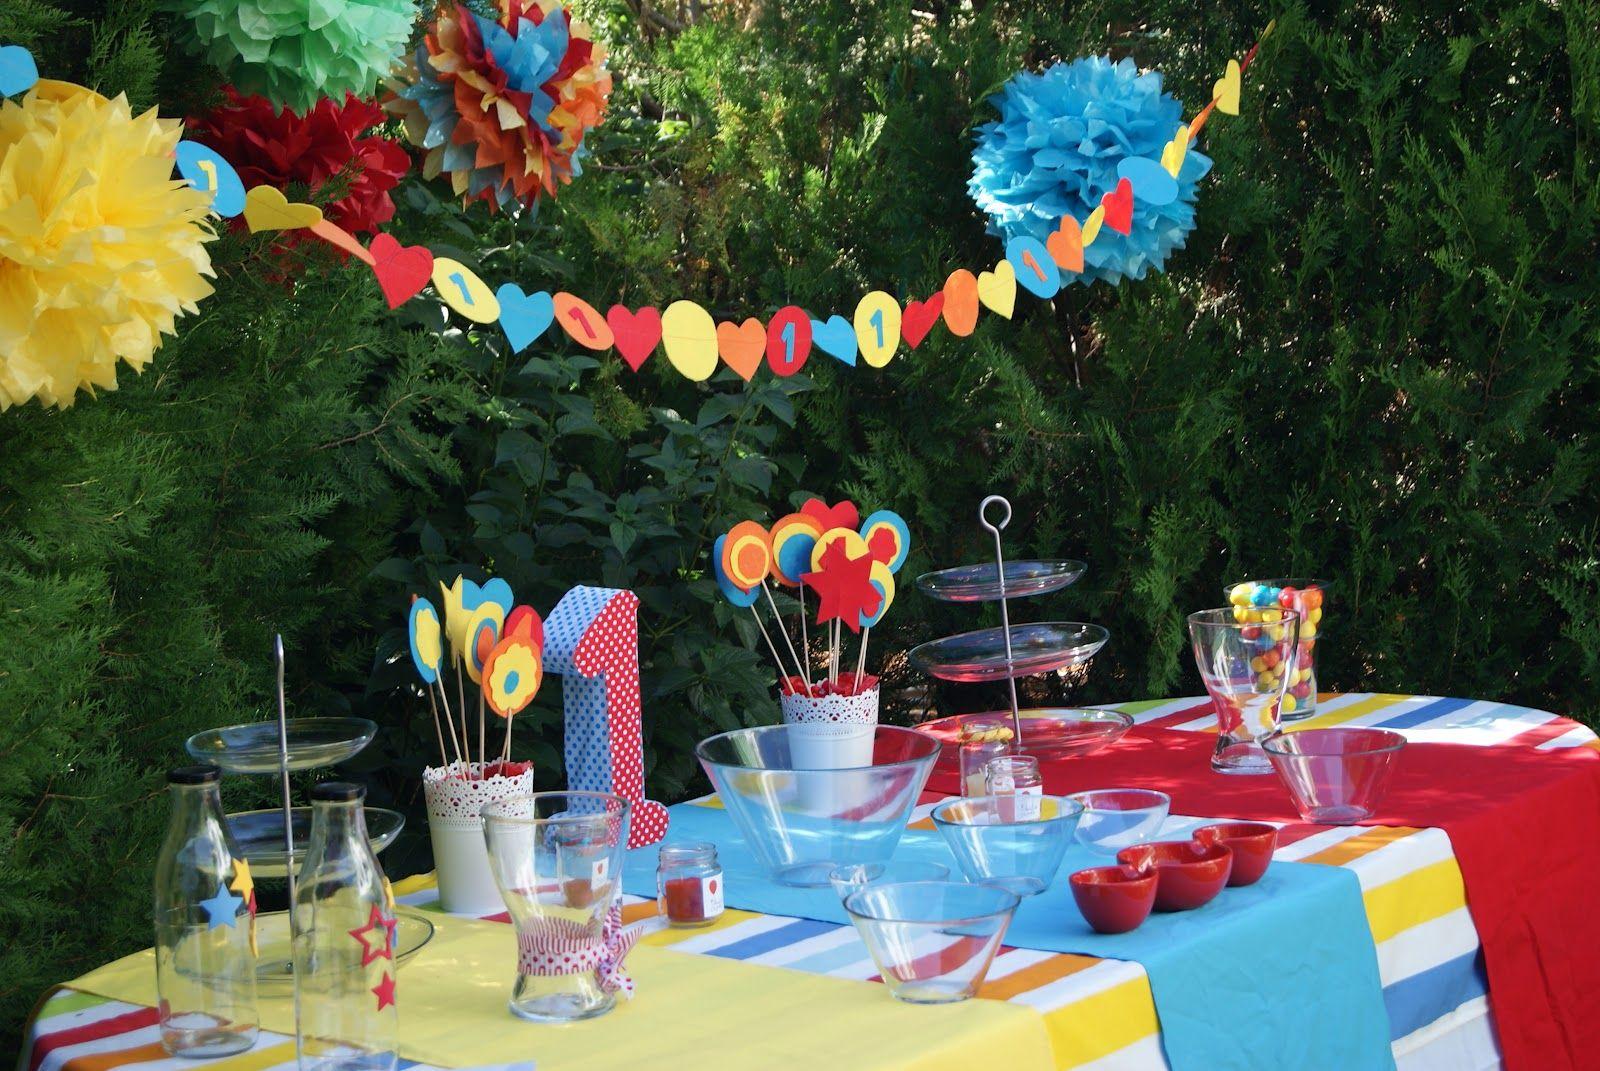 Fiestas de cumplea os originales organiza un picnic - Ideas para fiestas de cumpleanos originales ...